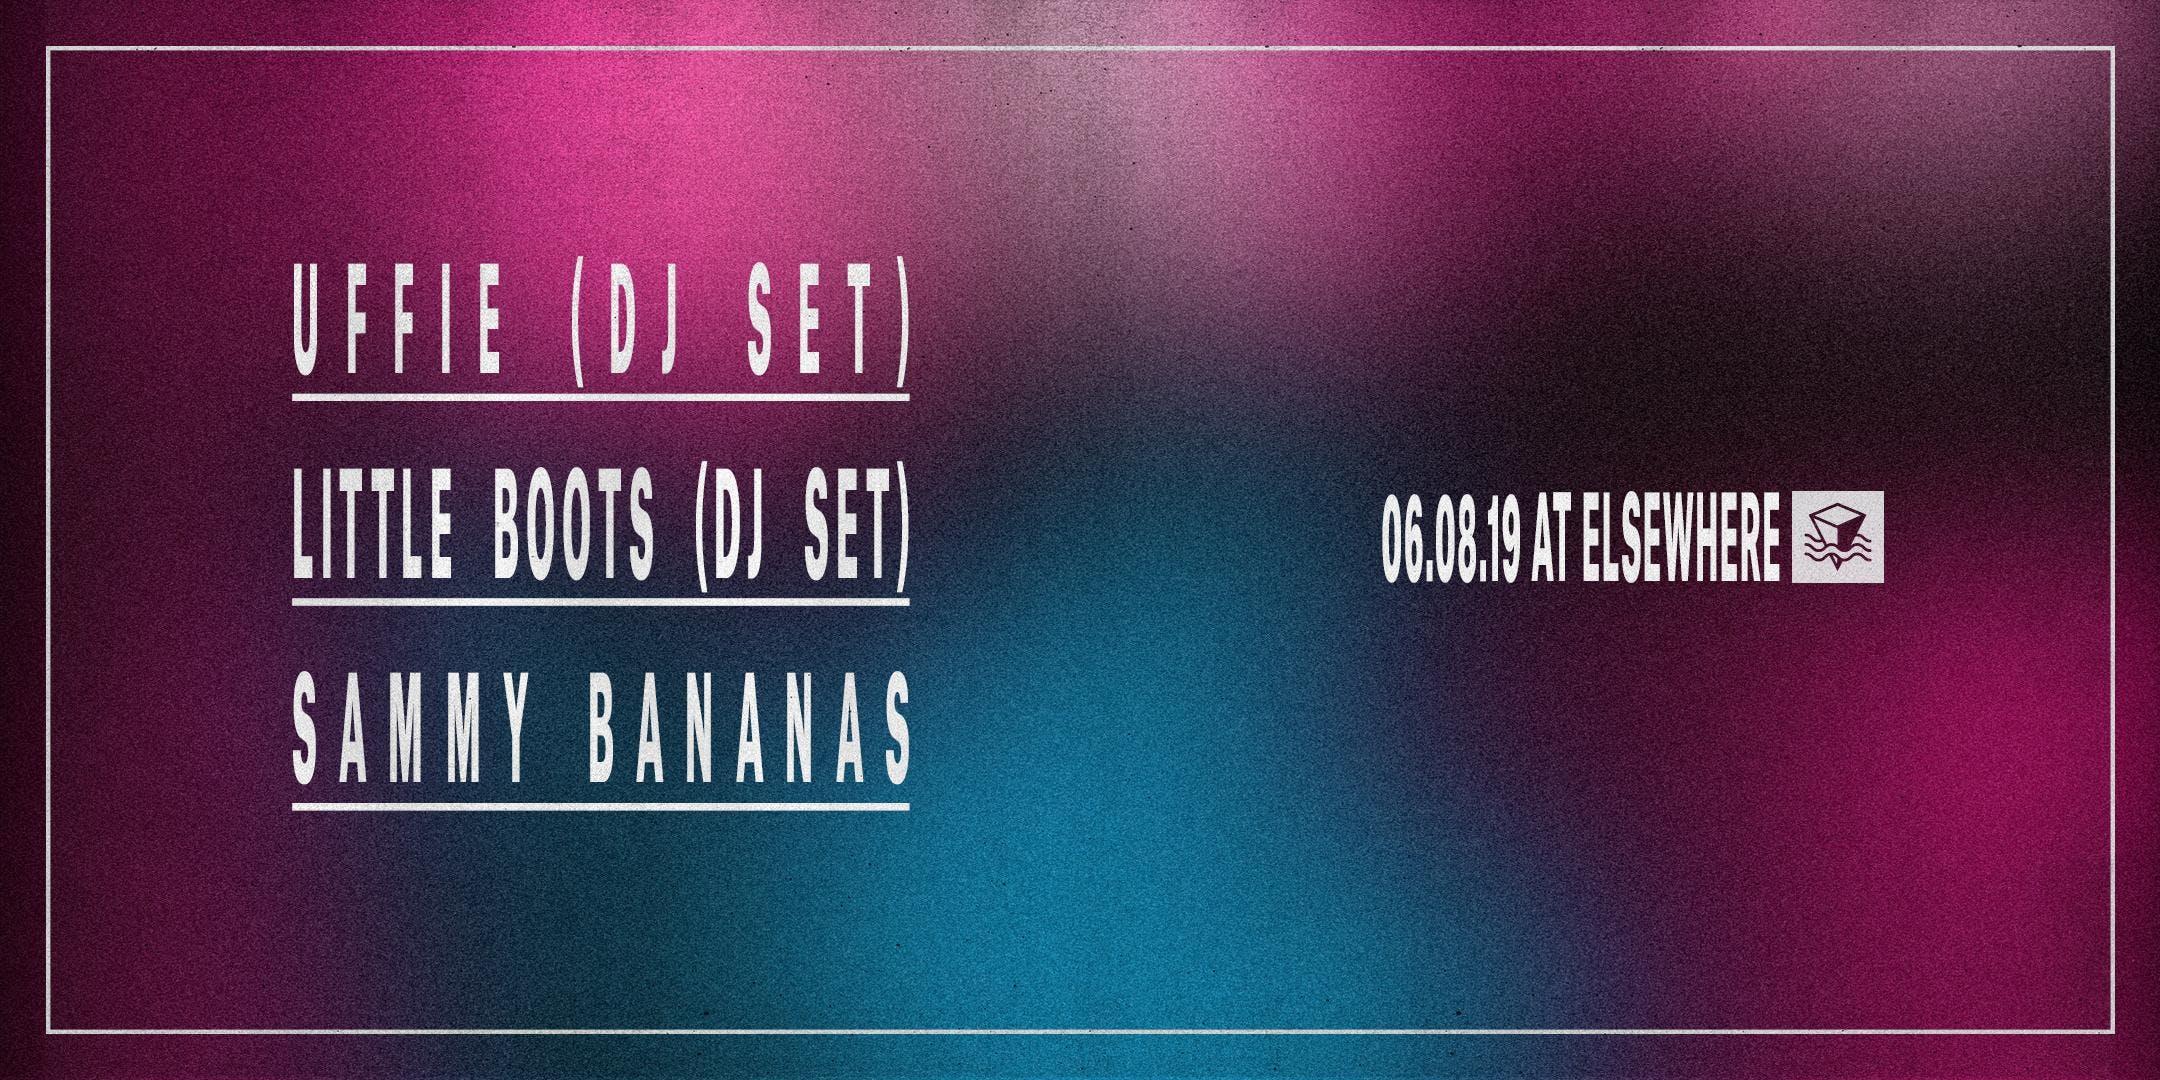 Uffie (DJ Set), Little Boots (DJ Set), Sammy Bananas, Interstellar Funk & Amourette